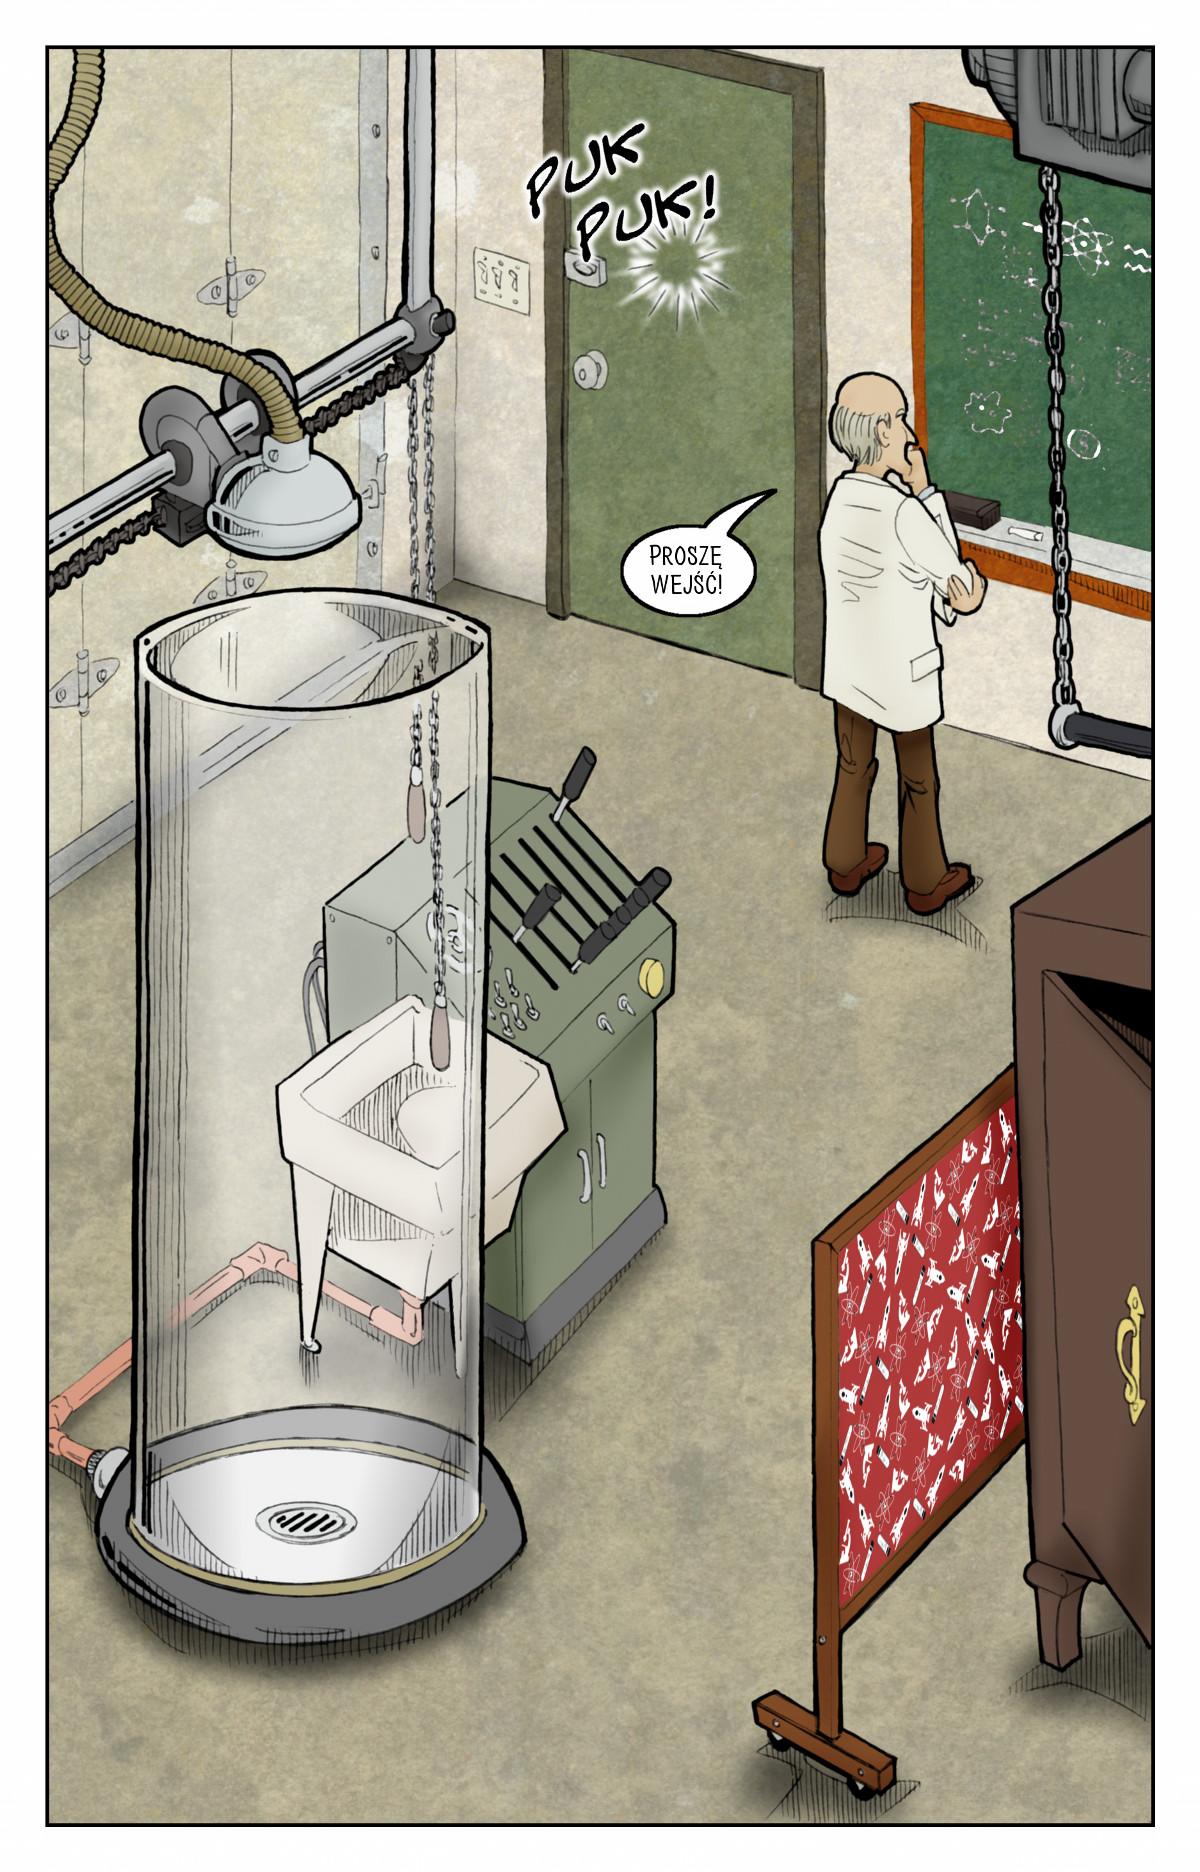 Pukanie do drzwi laboratorium!